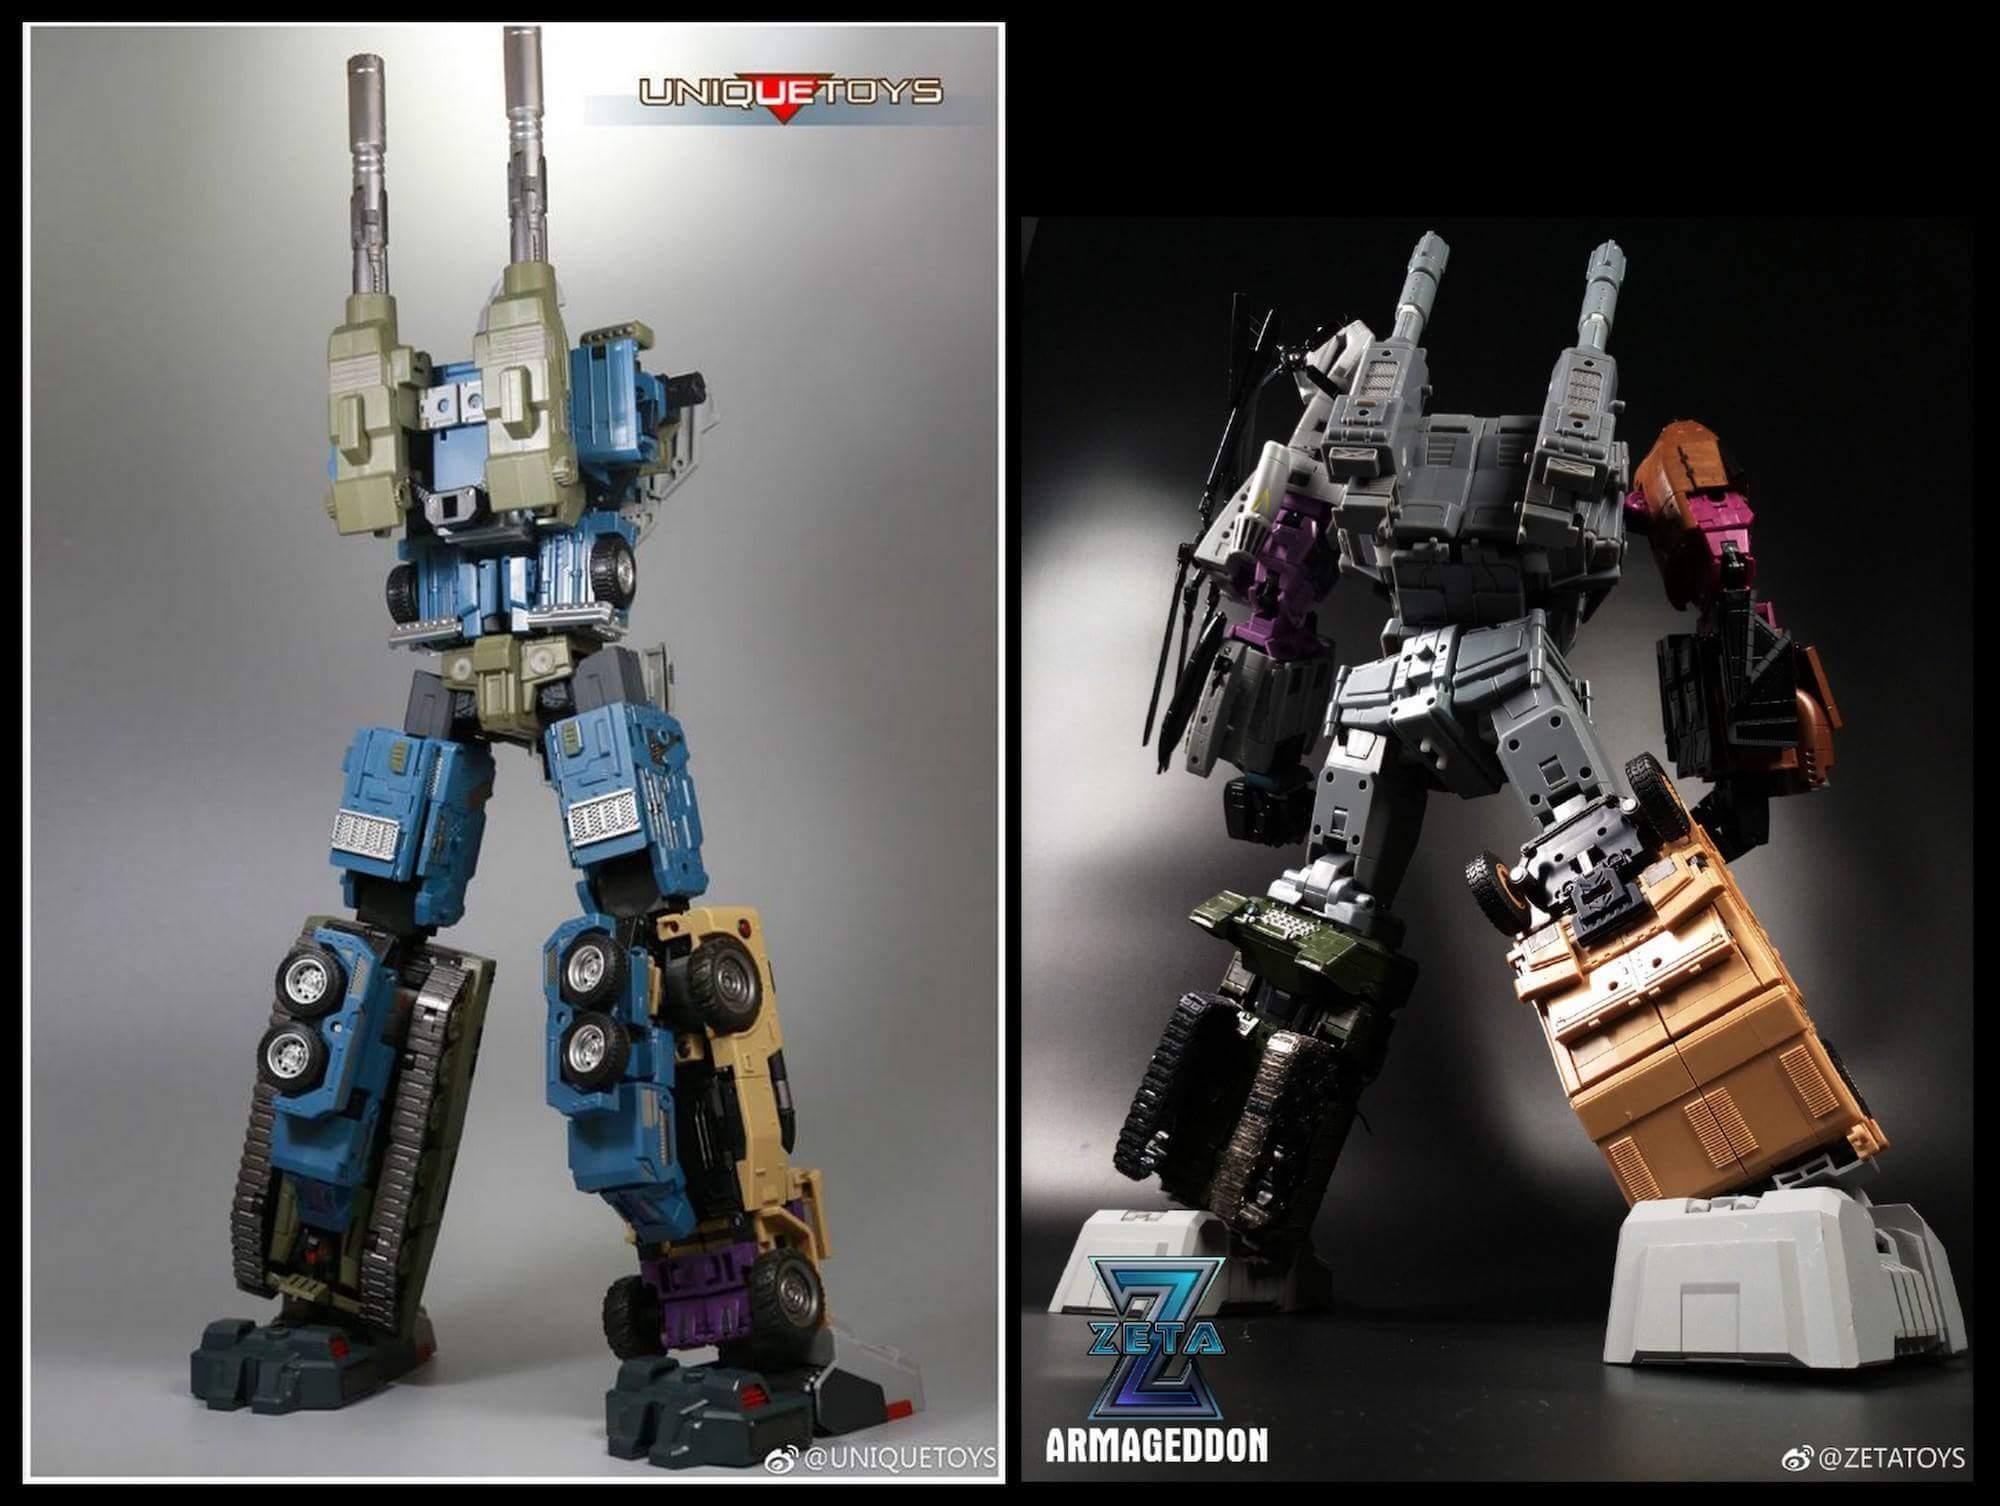 [Zeta Toys] Produit Tiers - Armageddon (ZA-01 à ZA-05) - ZA-06 Bruticon - ZA-07 Bruticon ― aka Bruticus (Studio OX, couleurs G1, métallique) - Page 4 PhFjxxzD_o